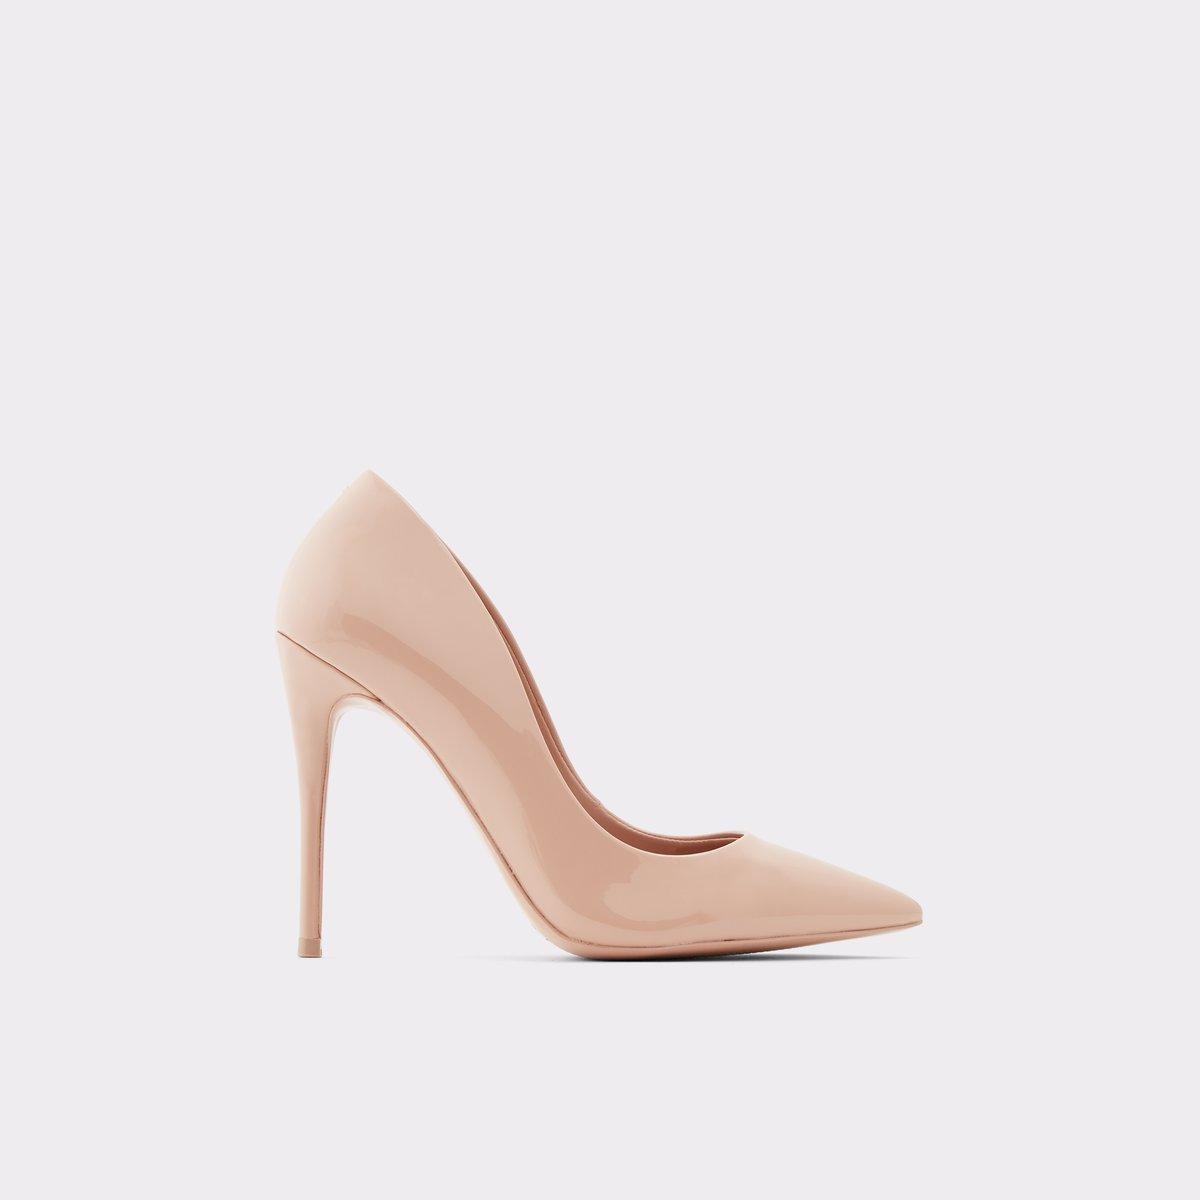 65ecc1d07 Stessy-w Light Pink Women's Online exclusives   Aldoshoes.com US